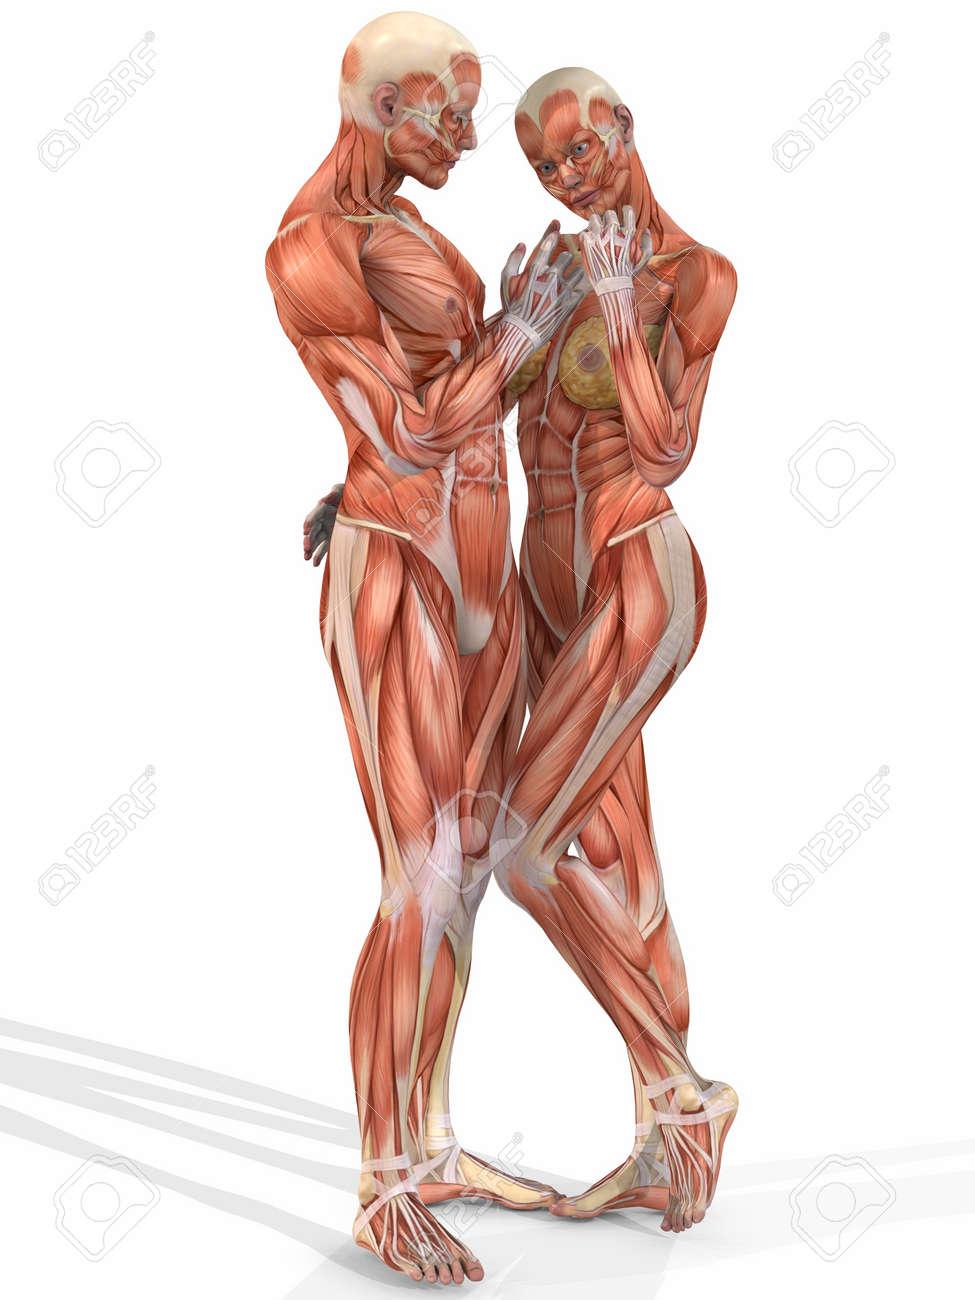 Weibliche Und Männliche Anatomische Körper - Paar Lizenzfreie Fotos ...